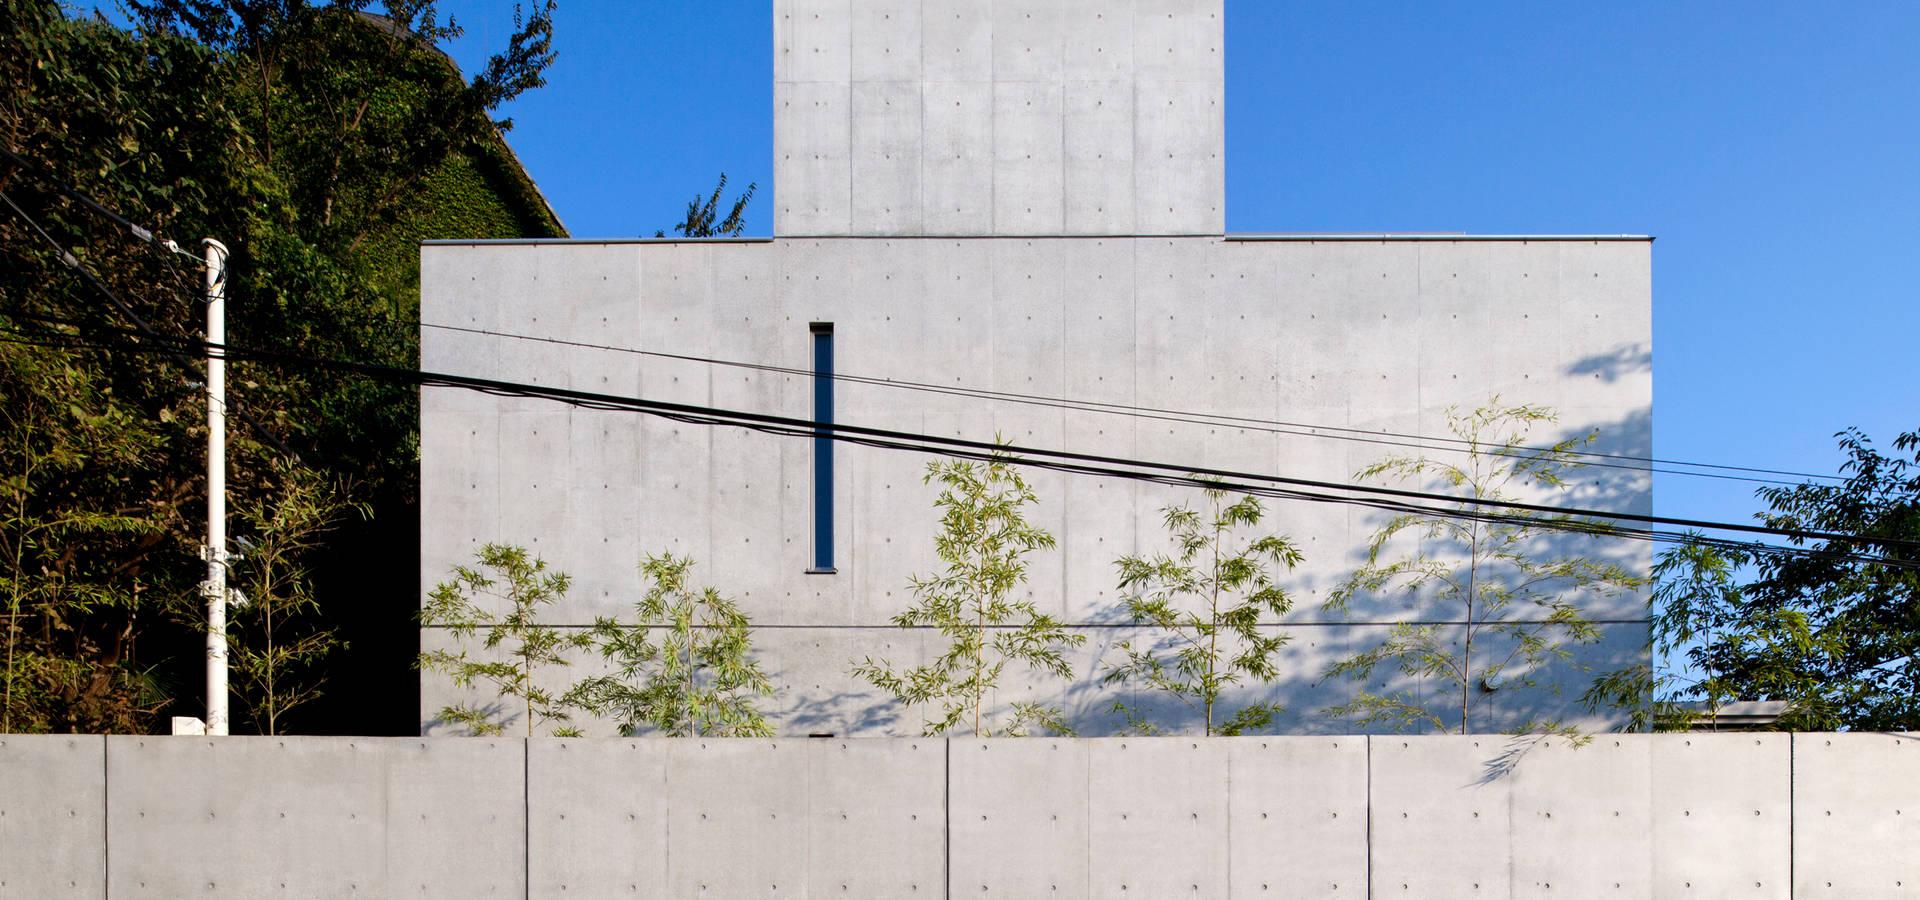 鈴木賢建築設計事務所/SATOSHI SUZUKI ARCHITECT OFFICE